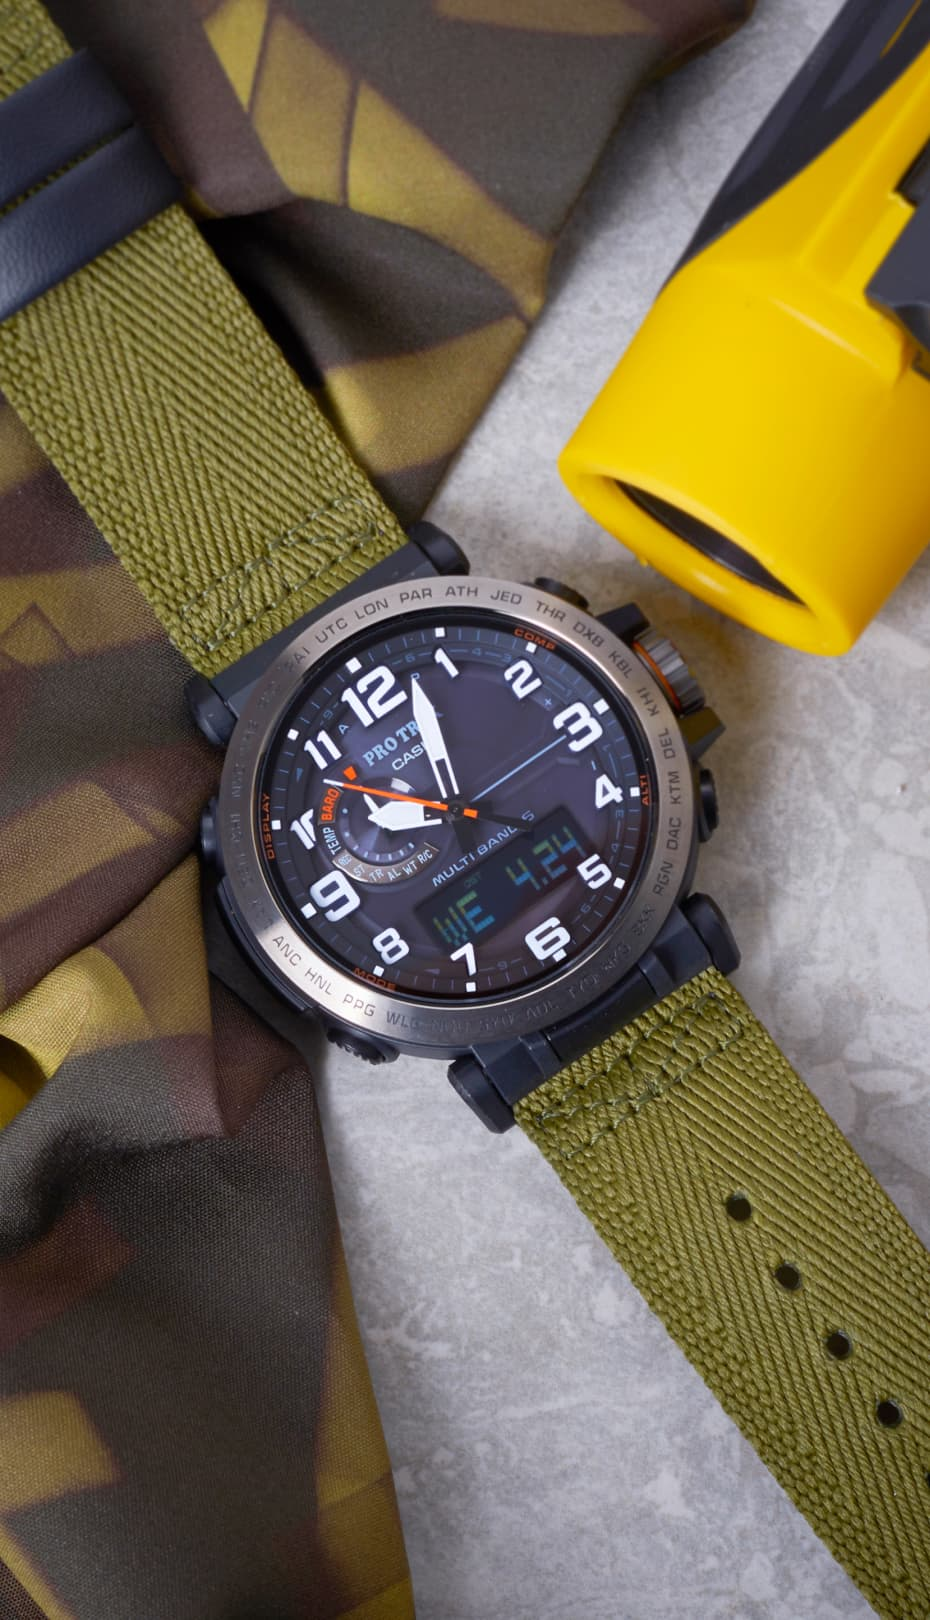 reloj verde de tela y piel protek CASIO Cronoland